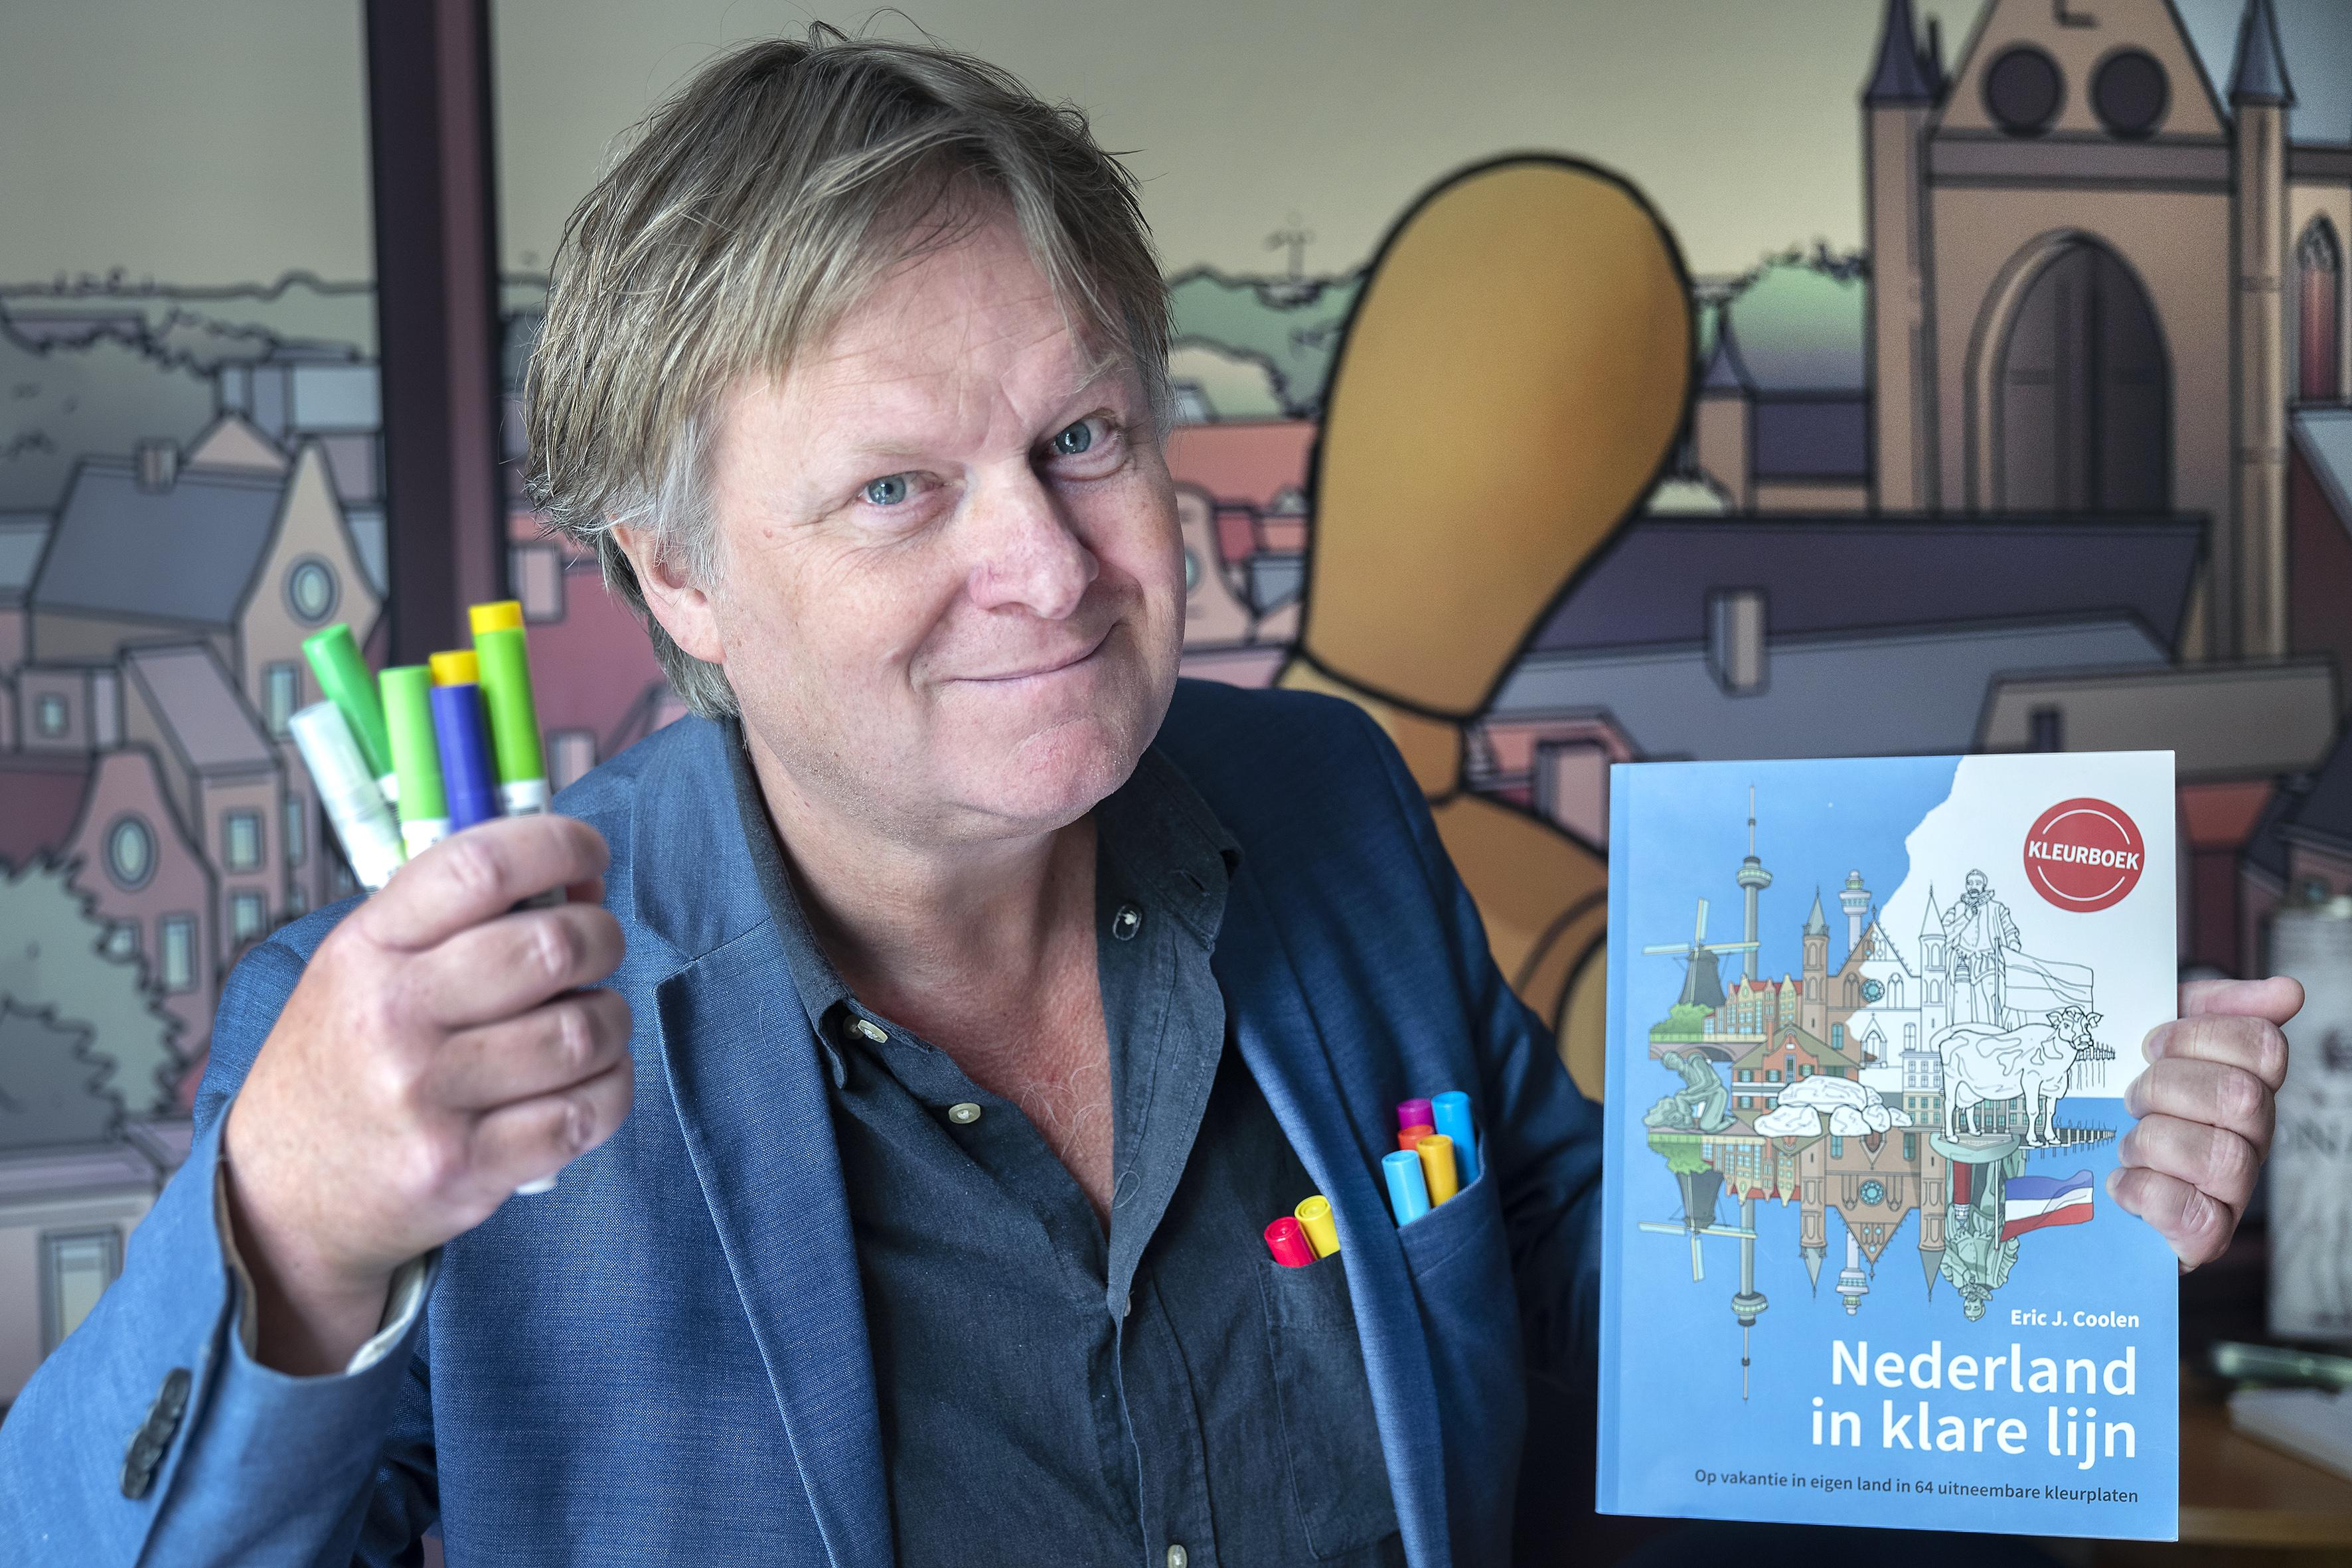 De Haarlemse tekenaar Eric Coolen is zelf altijd aan het kleuren